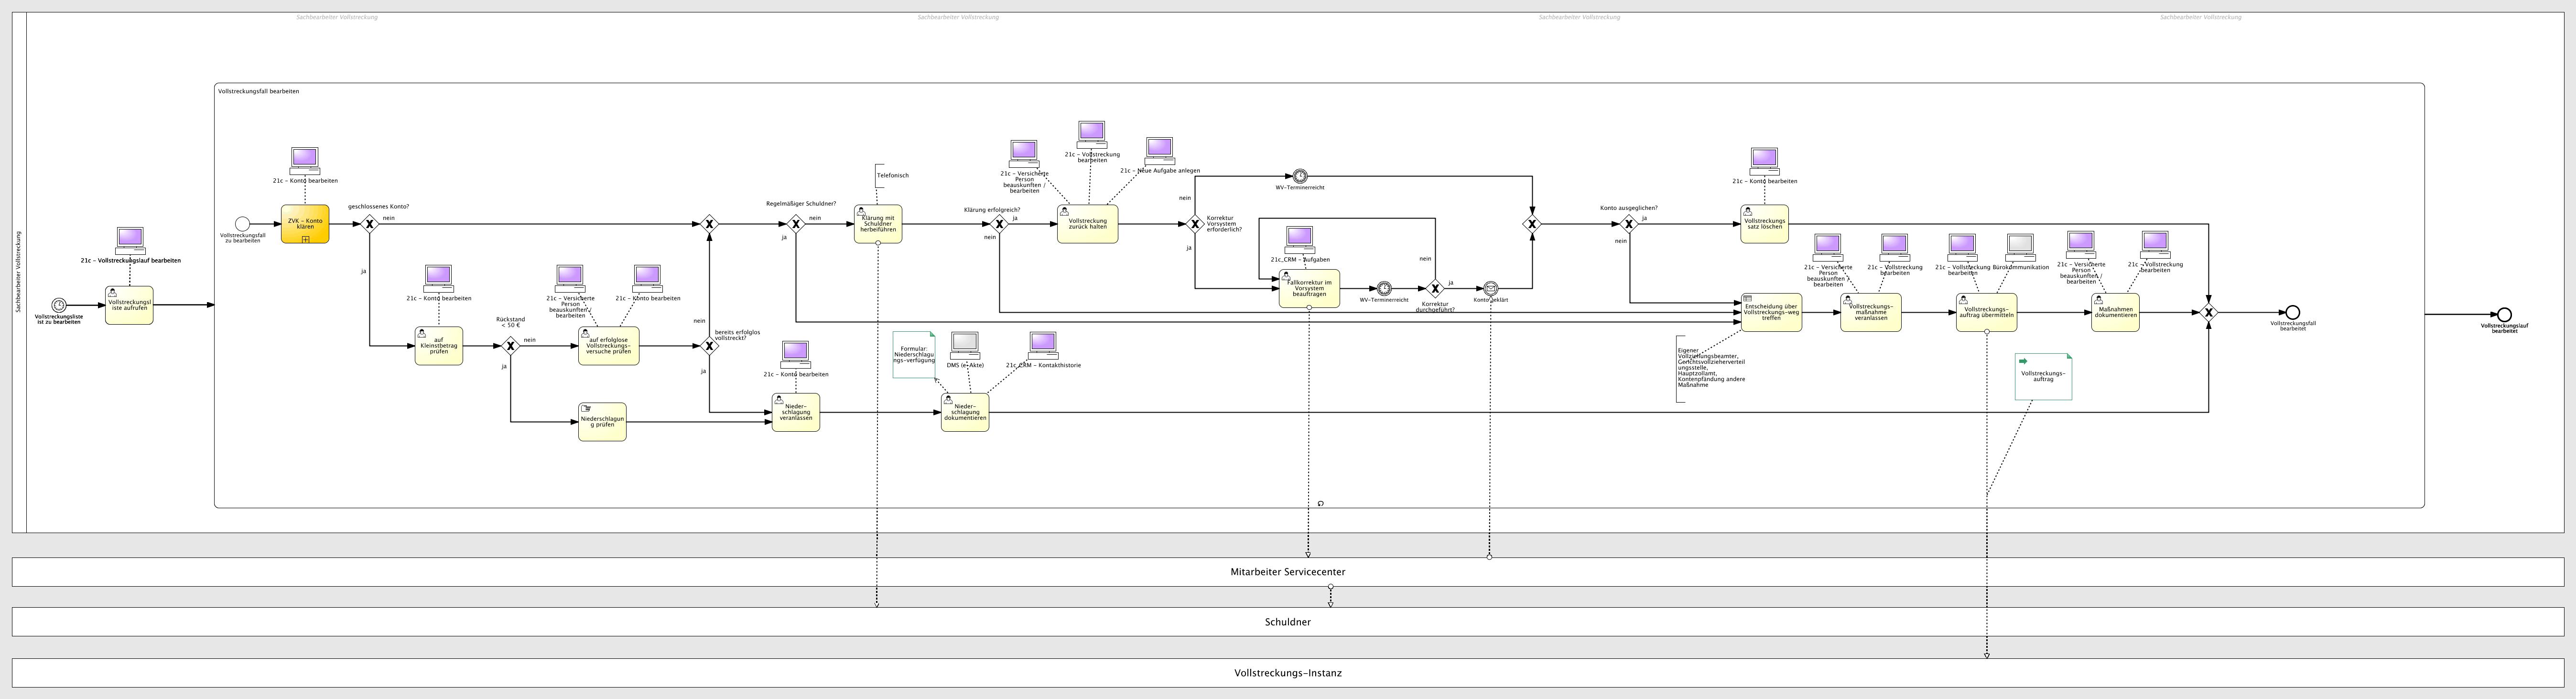 BPM Prozessmodell Vollstreckungsverlauf bearbeiten